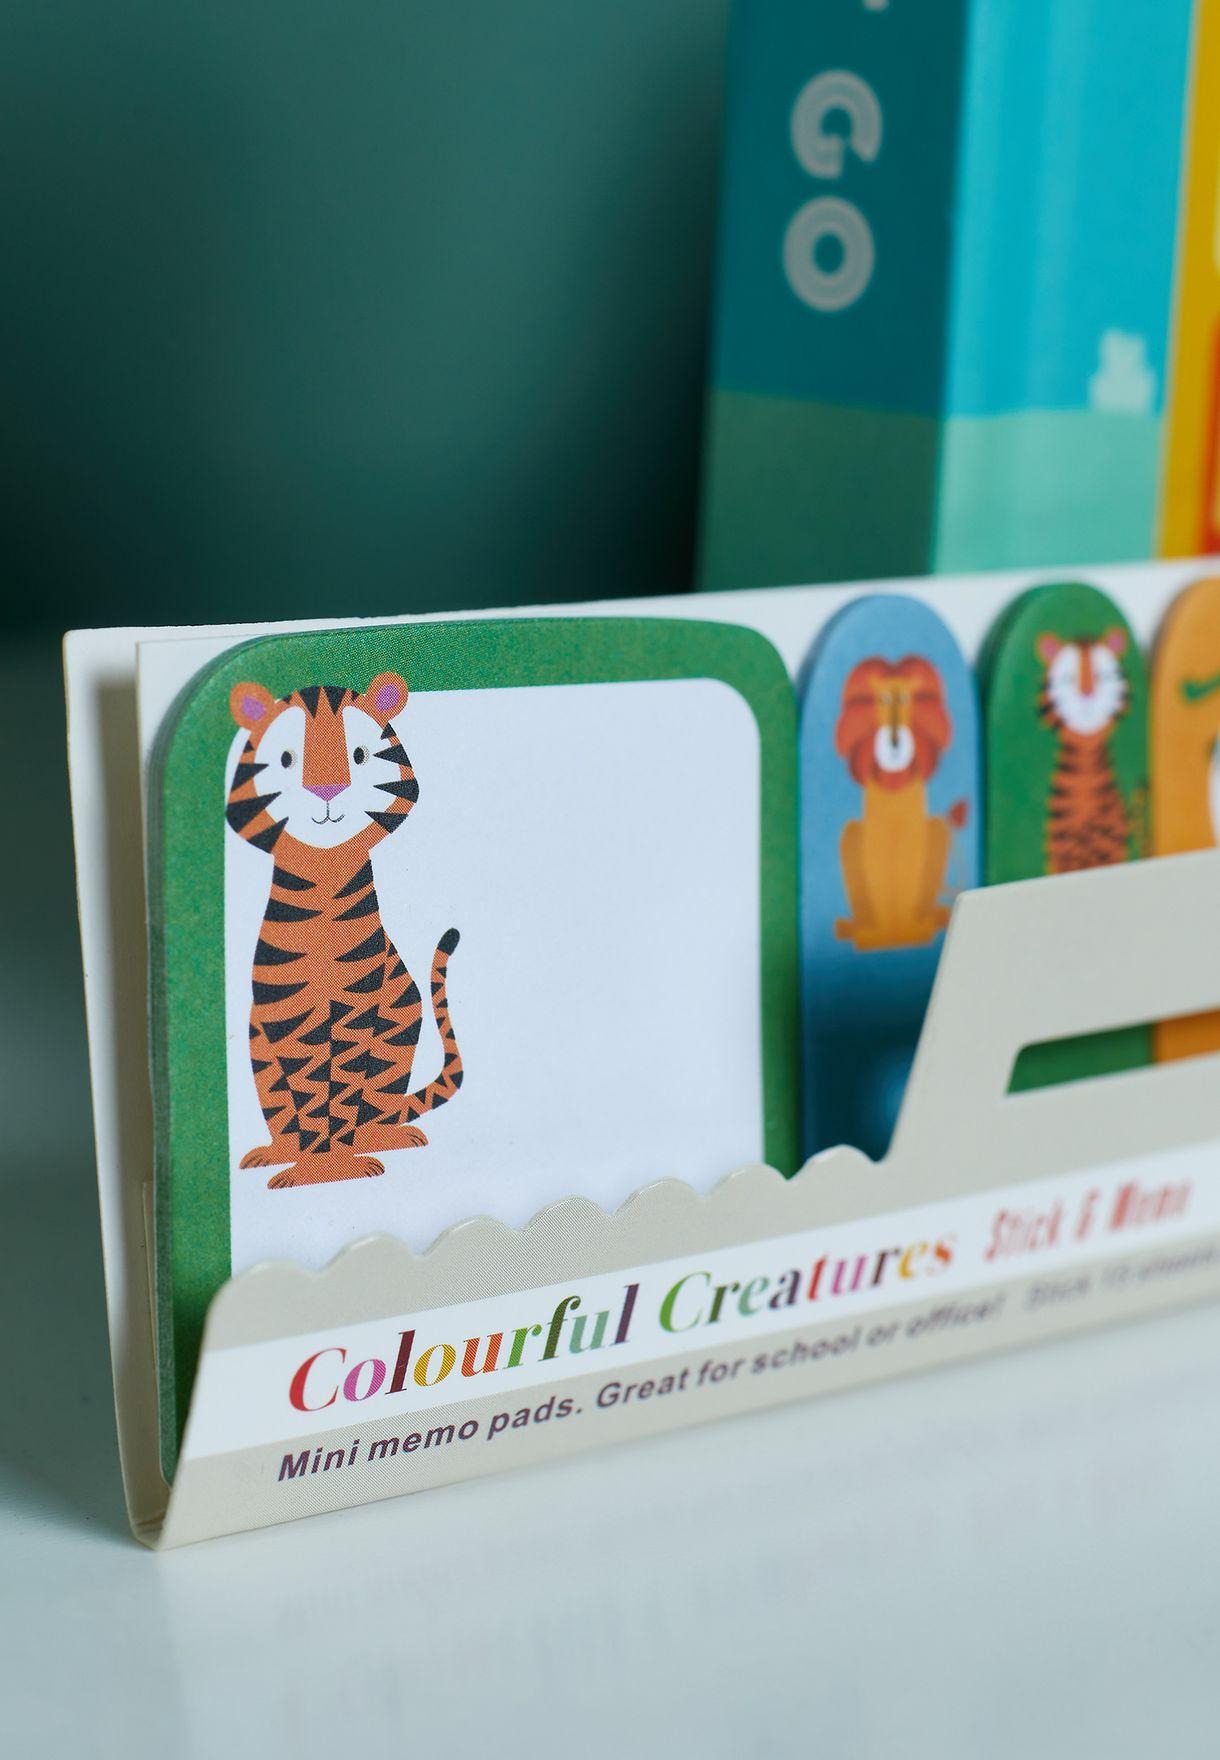 دفاتر ملاحظات صغيرة بشخصيات ملونة